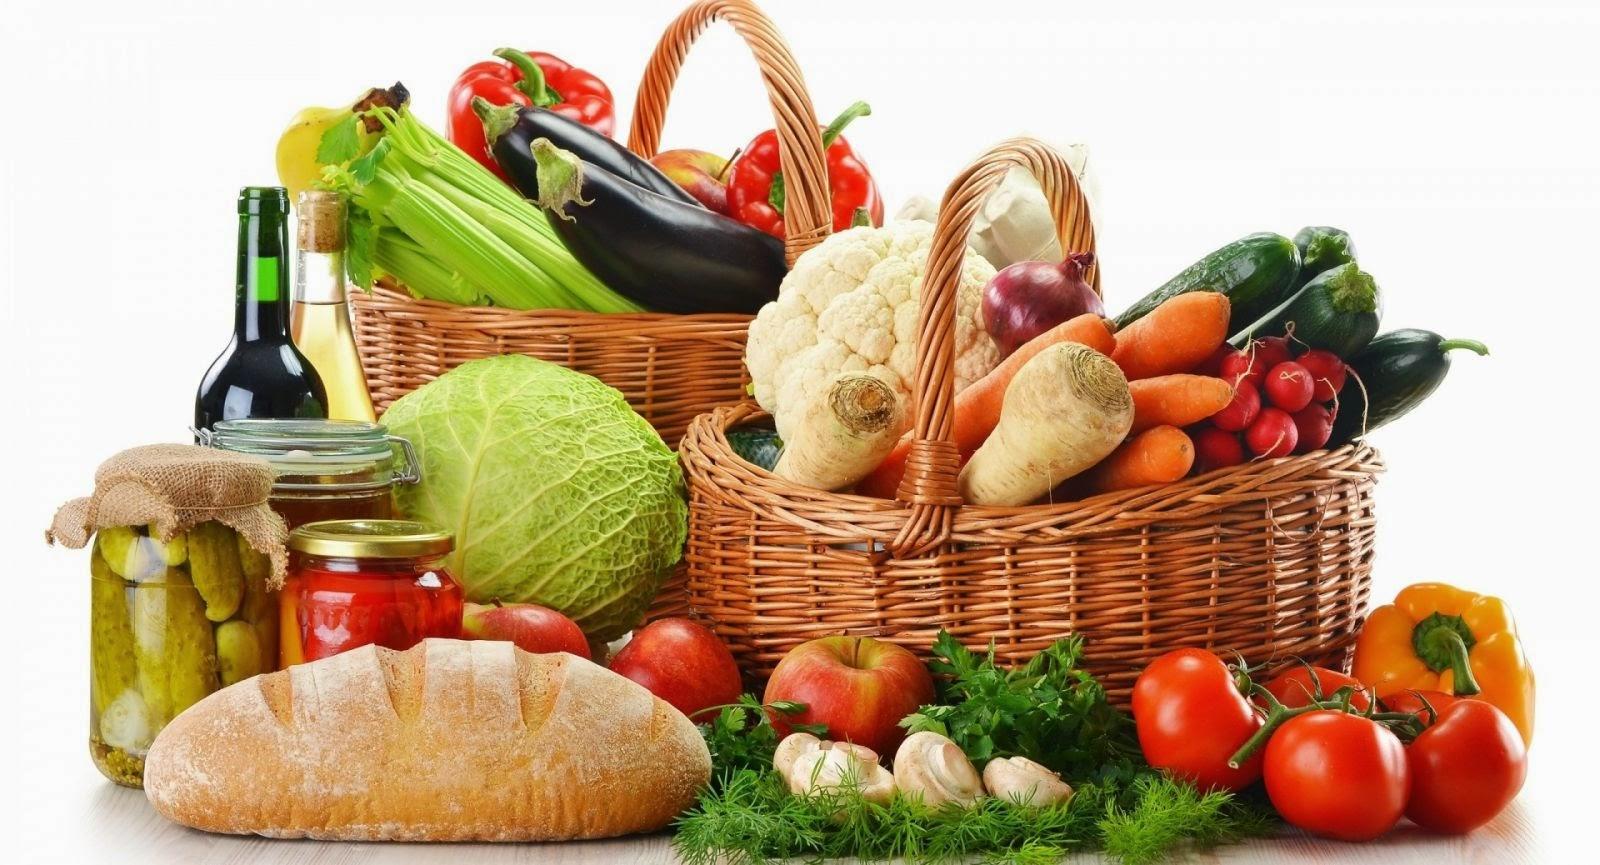 phòng bệnh gout bằng chế độ ăn kiêng